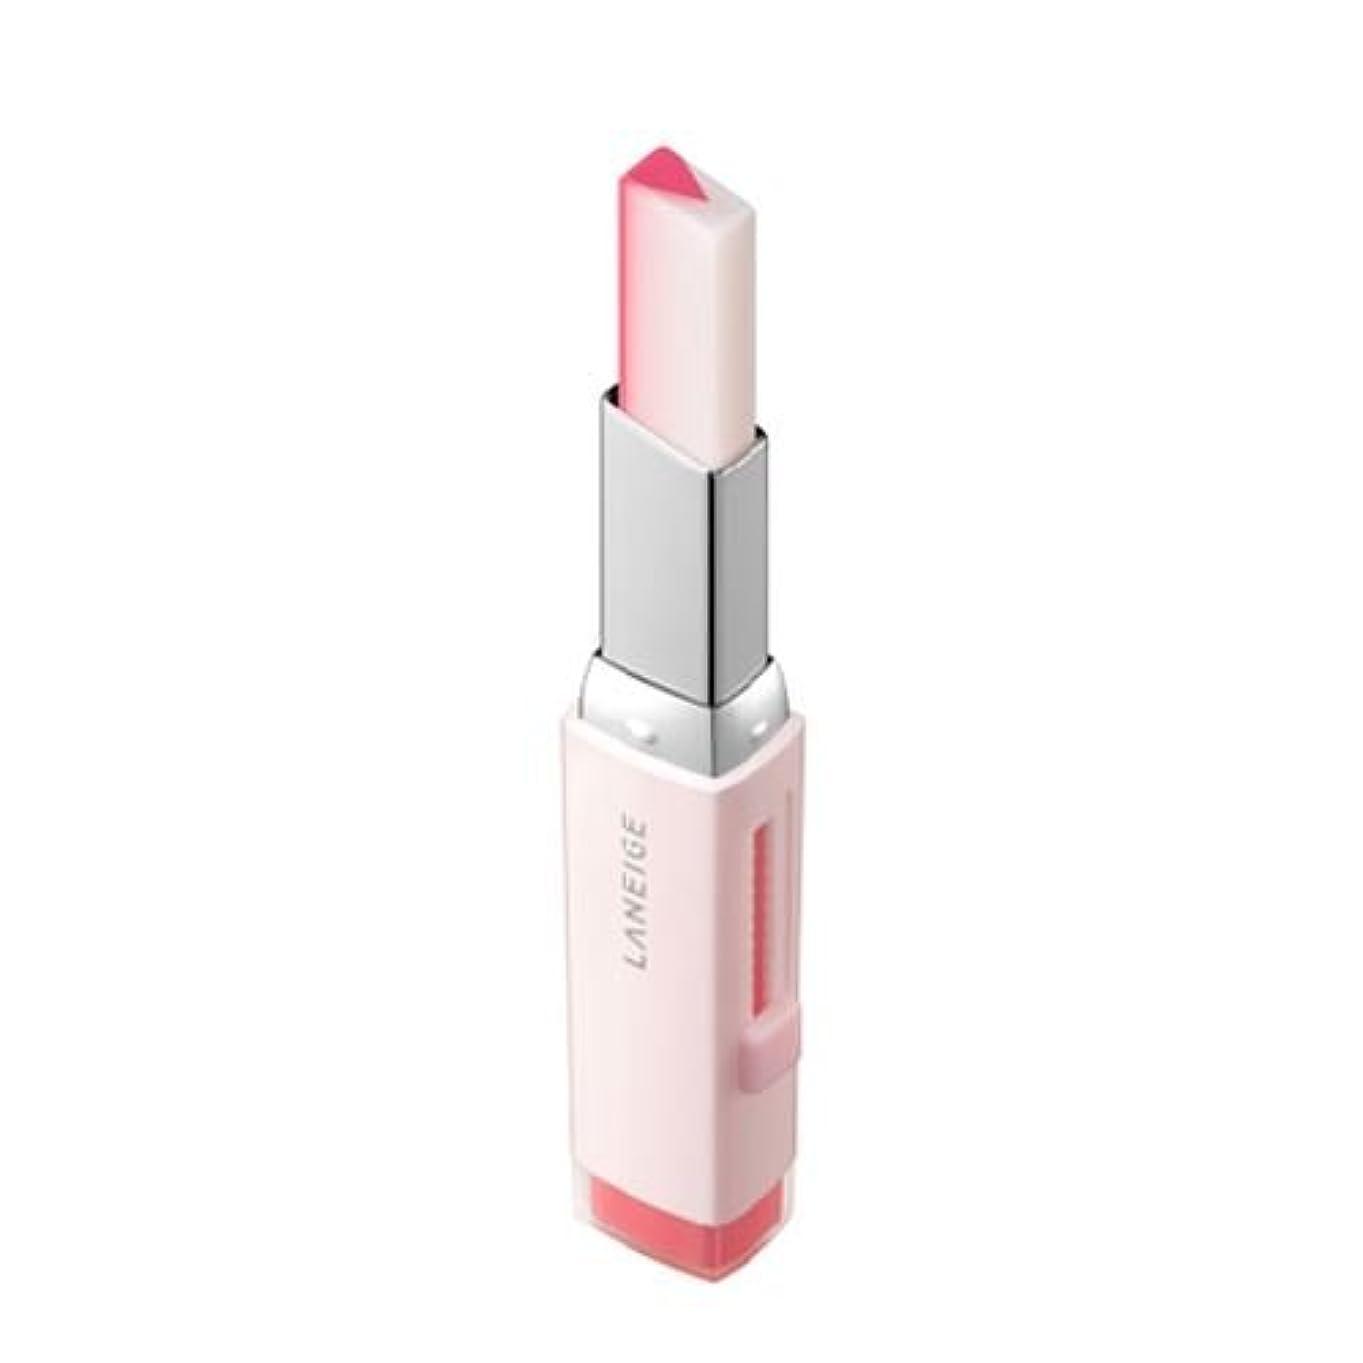 ペットトムオードリース慈悲[New] LANEIGE Two Tone Tint Lip Bar 2g/ラネージュ ツー トーン ティント リップ バー 2g (#01 Cotton Candy) [並行輸入品]